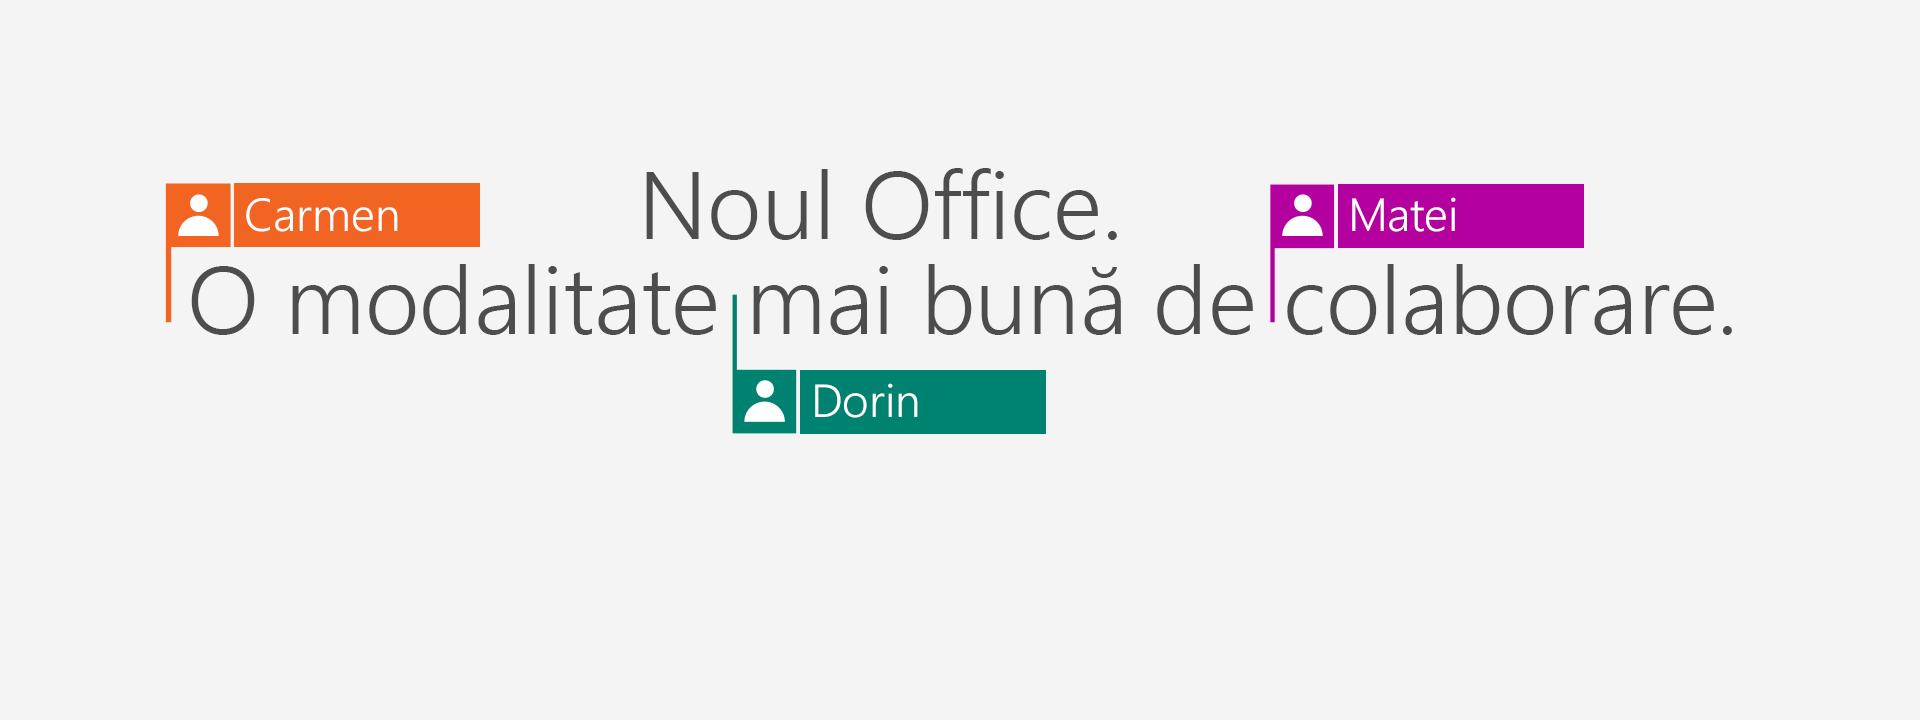 Cumpărați Office 365 pentru a obține aplicațiile noi din 2016.